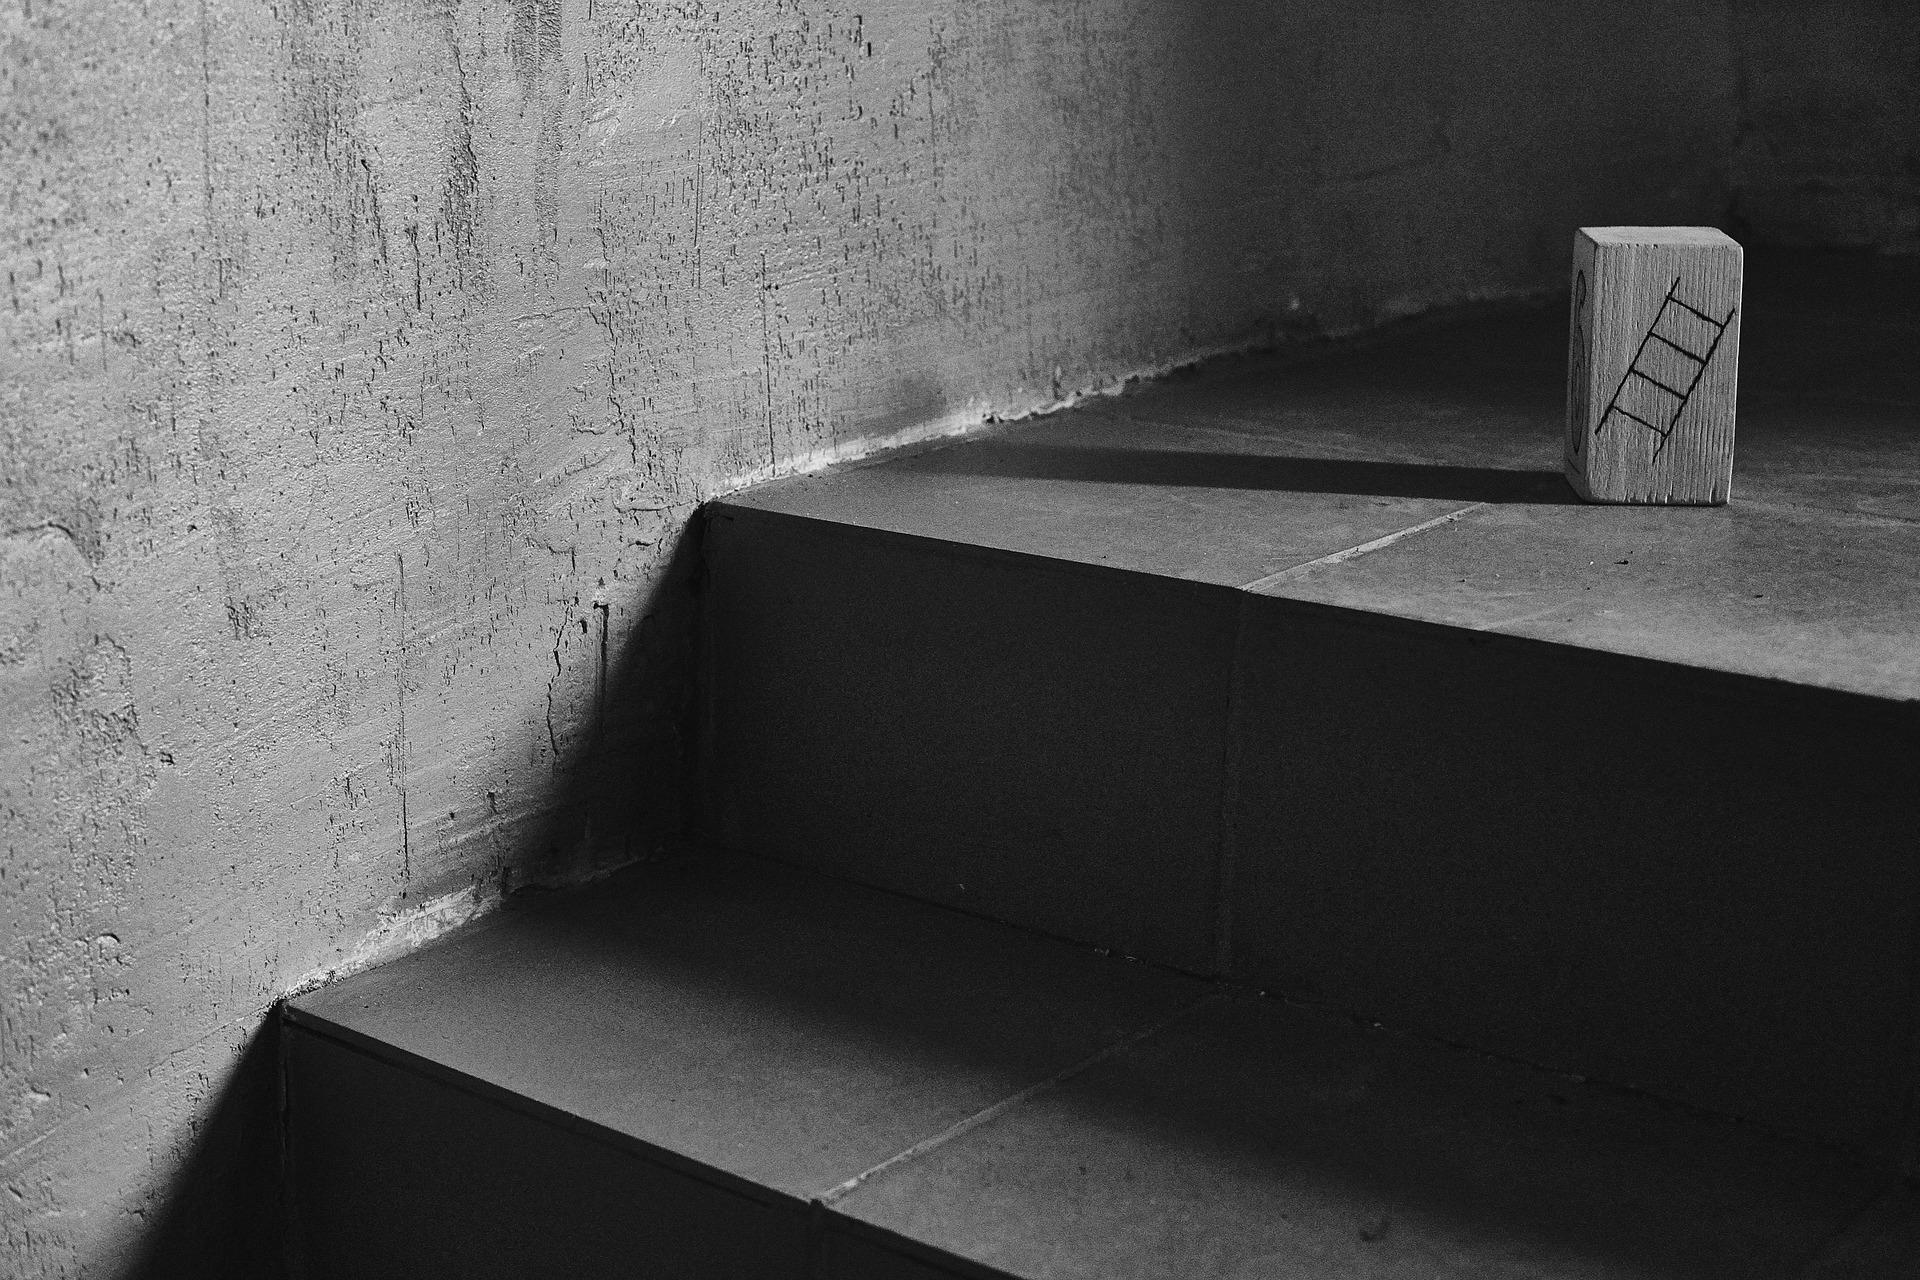 Feuchtigkeit Im Keller Magazin Bautrocknung Duregger